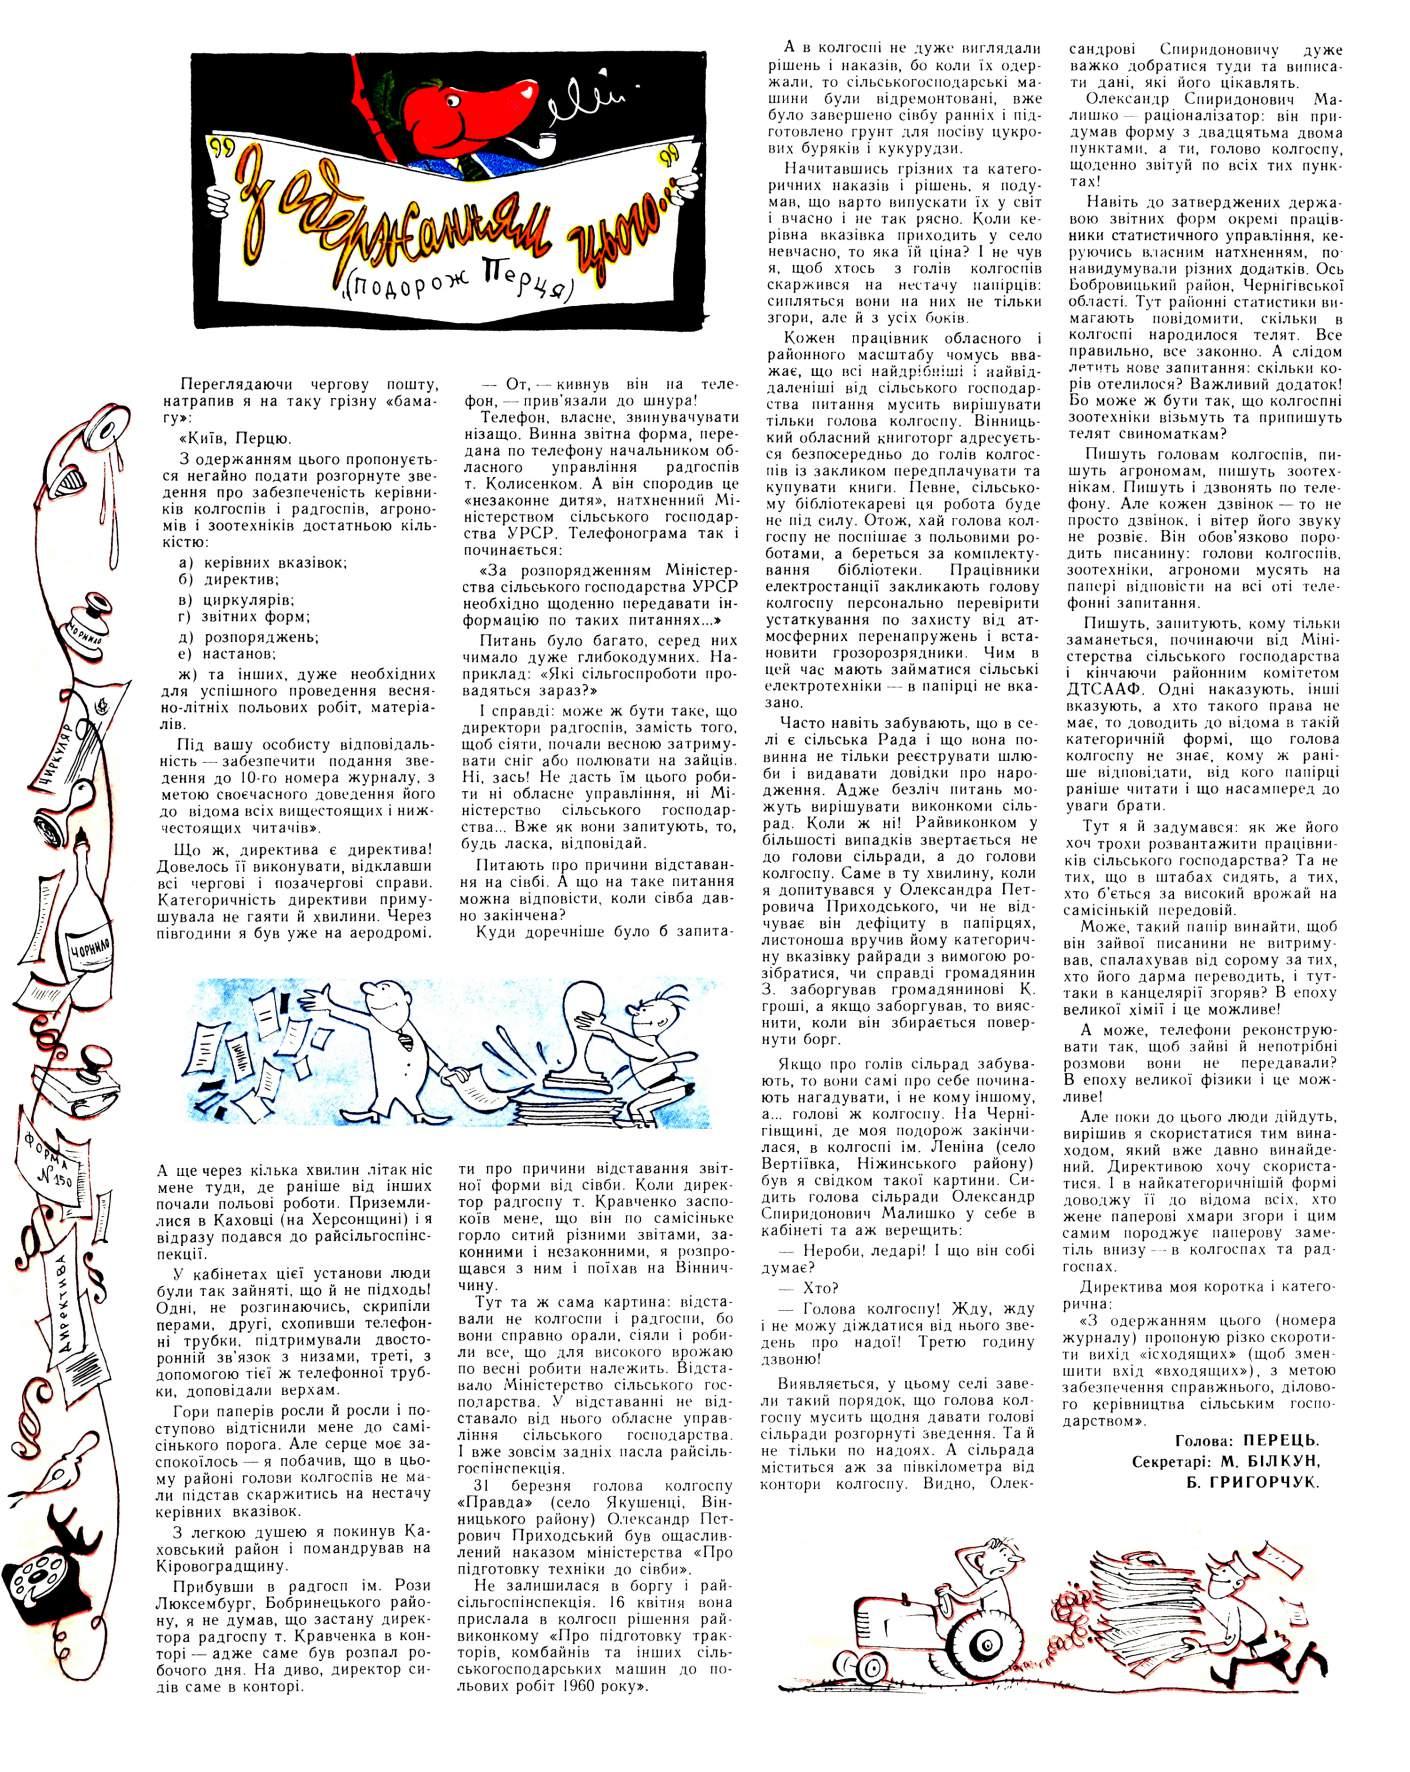 Журнал перець 1960 №10